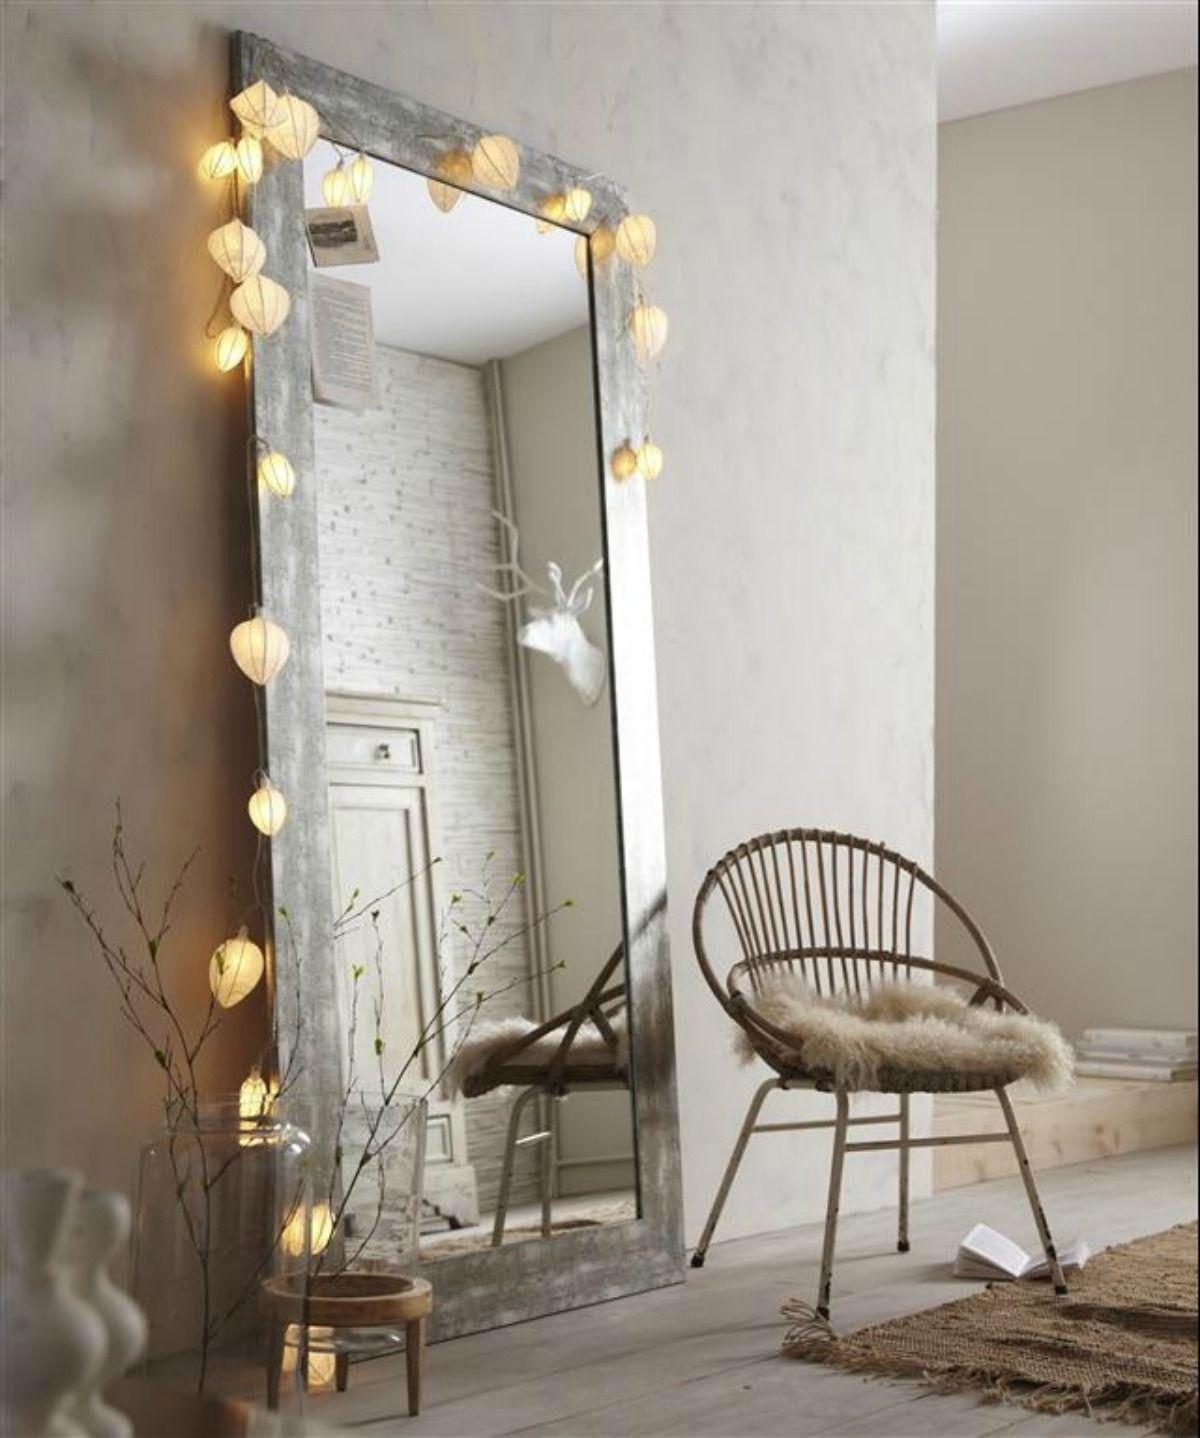 Specchio Design Per Camera Da Letto.Specchio Appoggiato A Terra Con Lucine Idee Per La Stanza Da